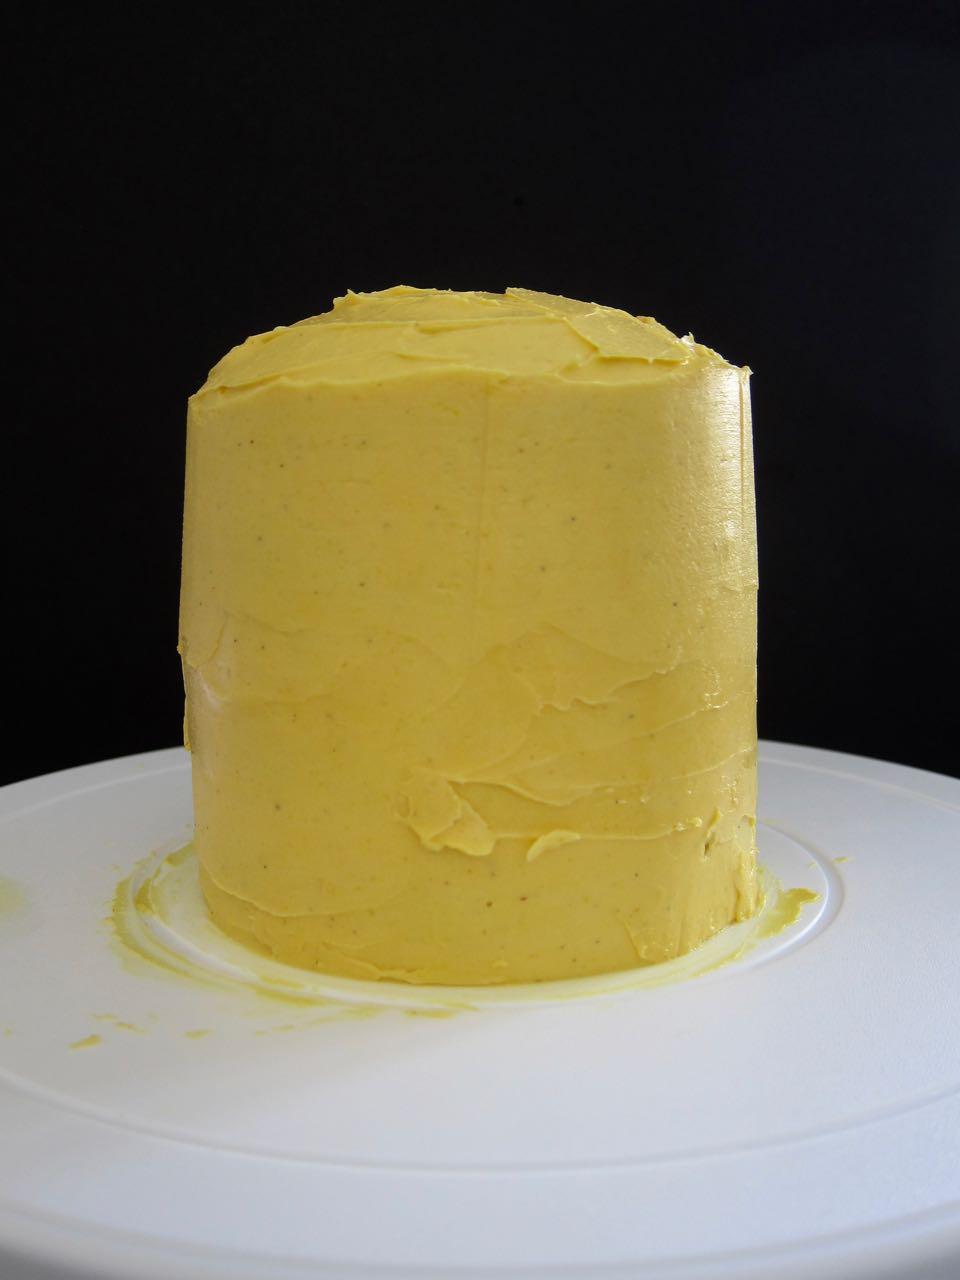 Frosted Bride & Prejudice Cake.jpg